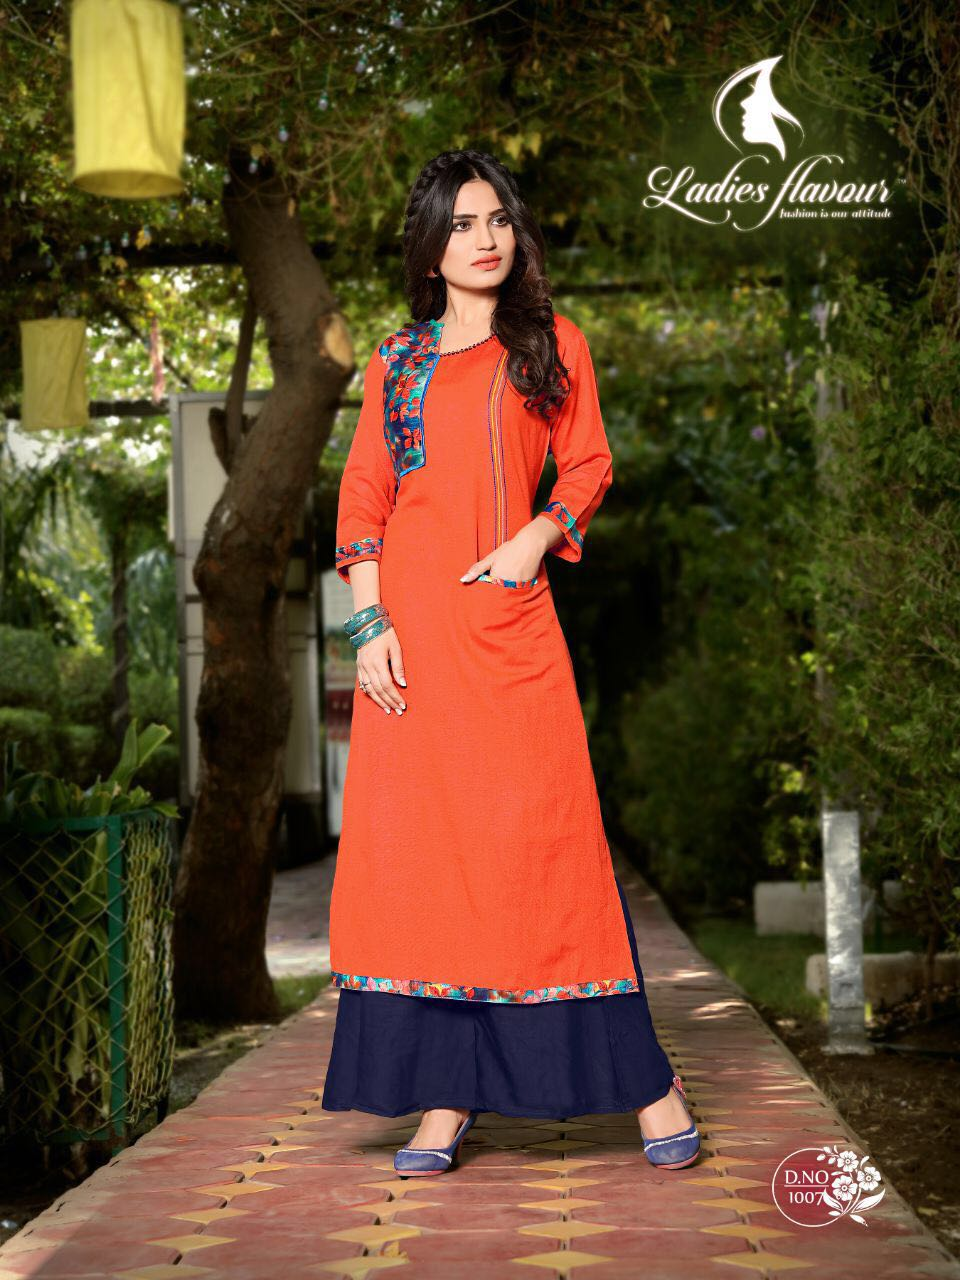 Ladies Flavour Noor 1007